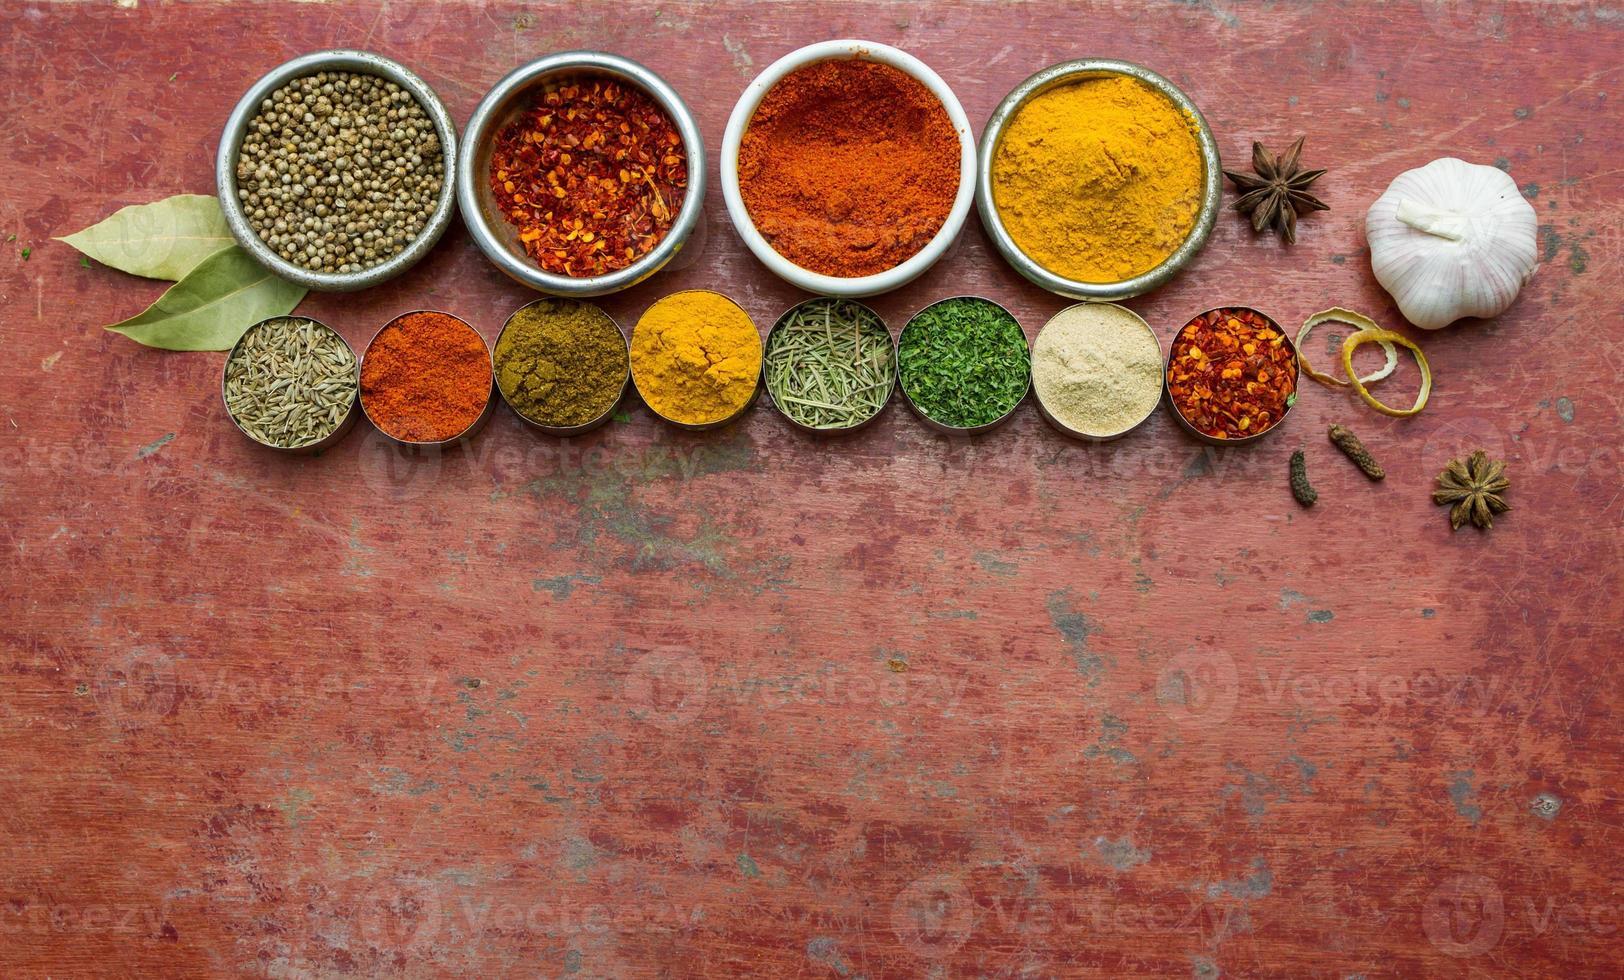 especiarias e ervas misturadas. ingredientes de alimentos e cozinha backgro vermelho foto